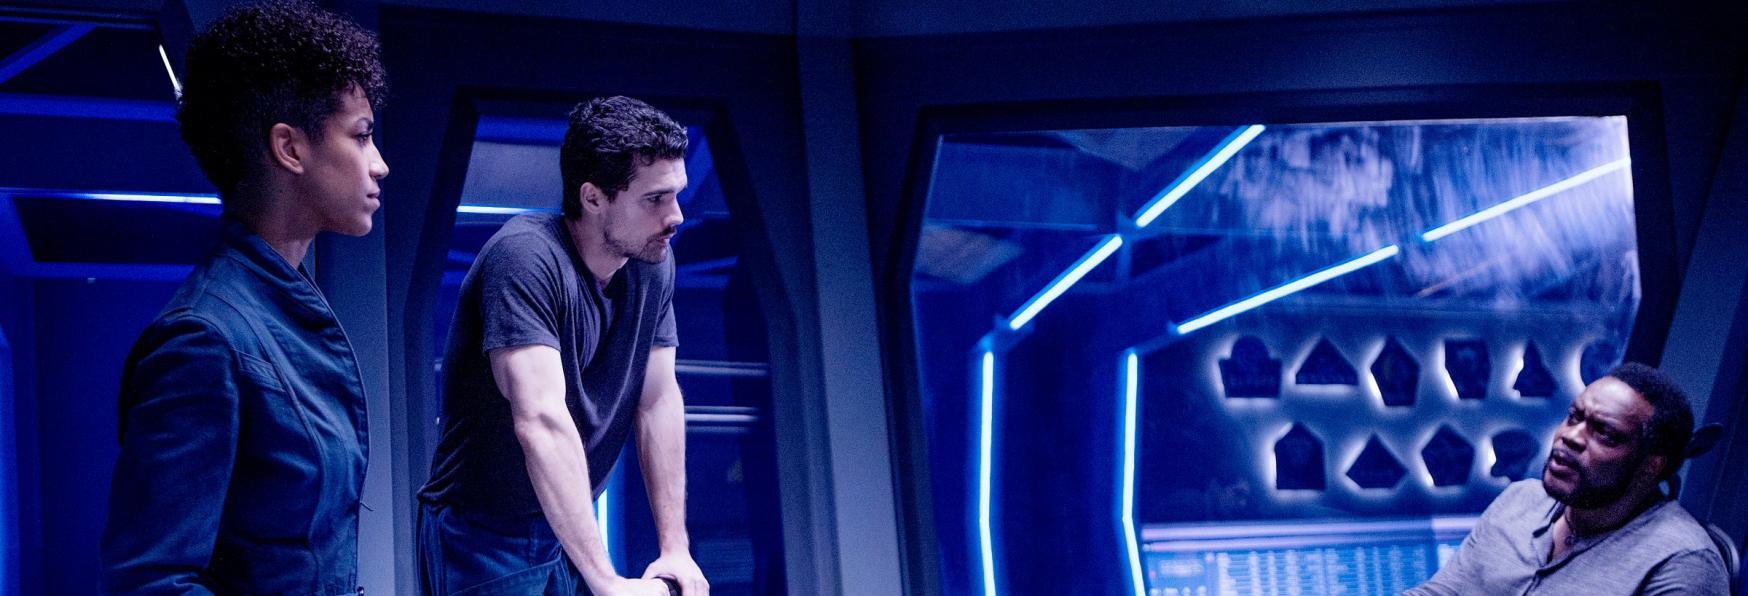 The Expanse 6: il Teaser Trailer svela la Data di Uscita della nuova Stagione della Serie TV targata Prime Video